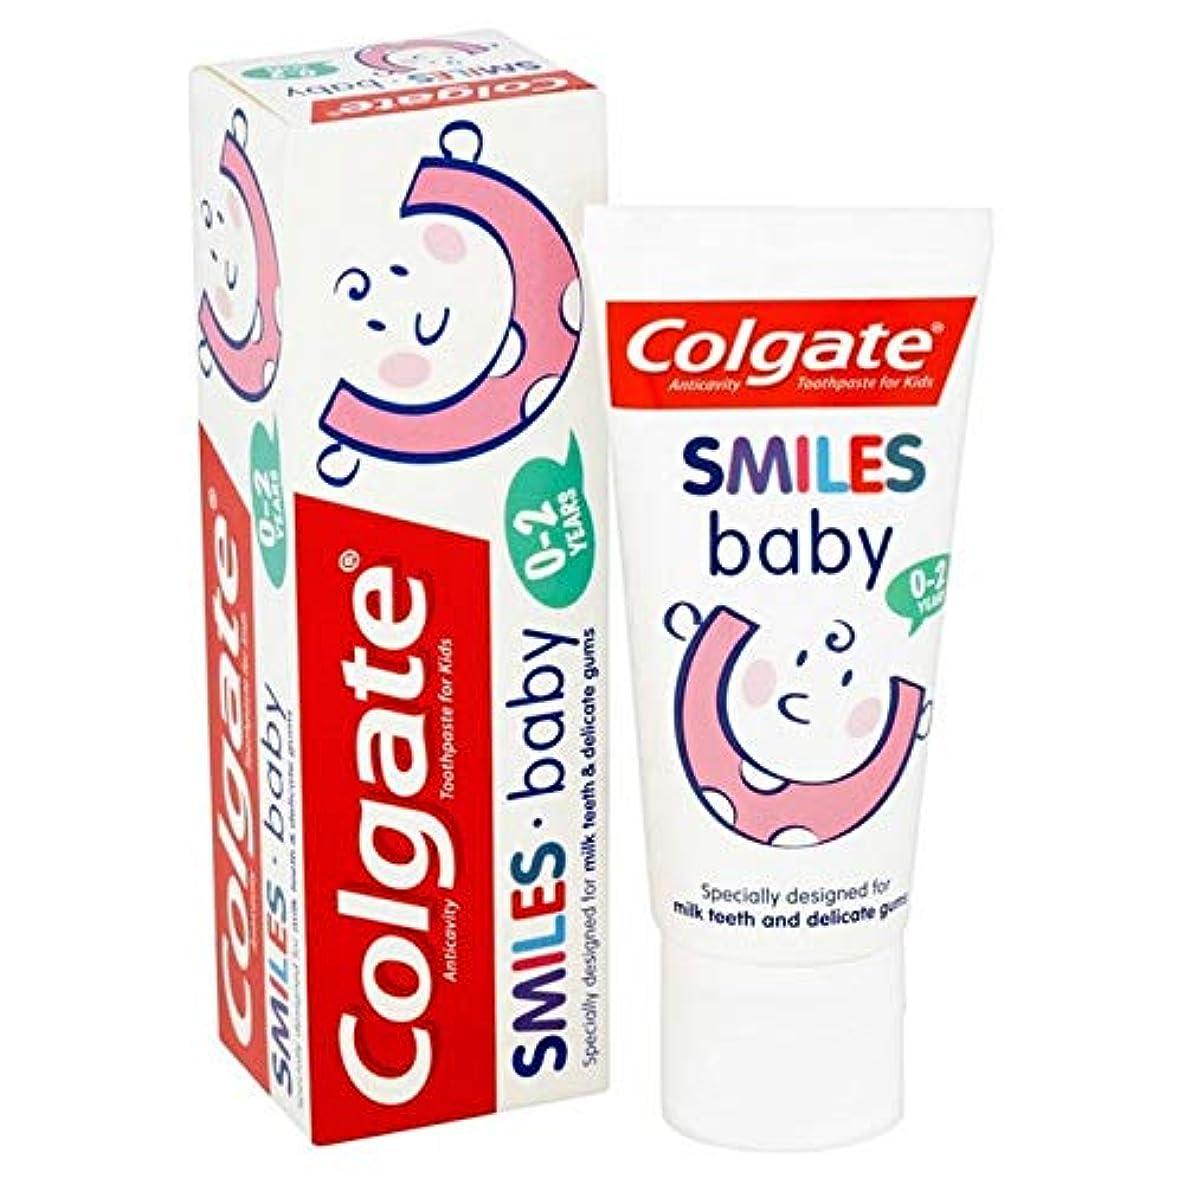 マリン大胆なそれにもかかわらず[Colgate ] コルゲートは、赤ちゃんの0-2年の歯磨き粉50ミリリットルを笑顔 - Colgate Smiles Baby 0-2 years Toothpaste 50ml [並行輸入品]